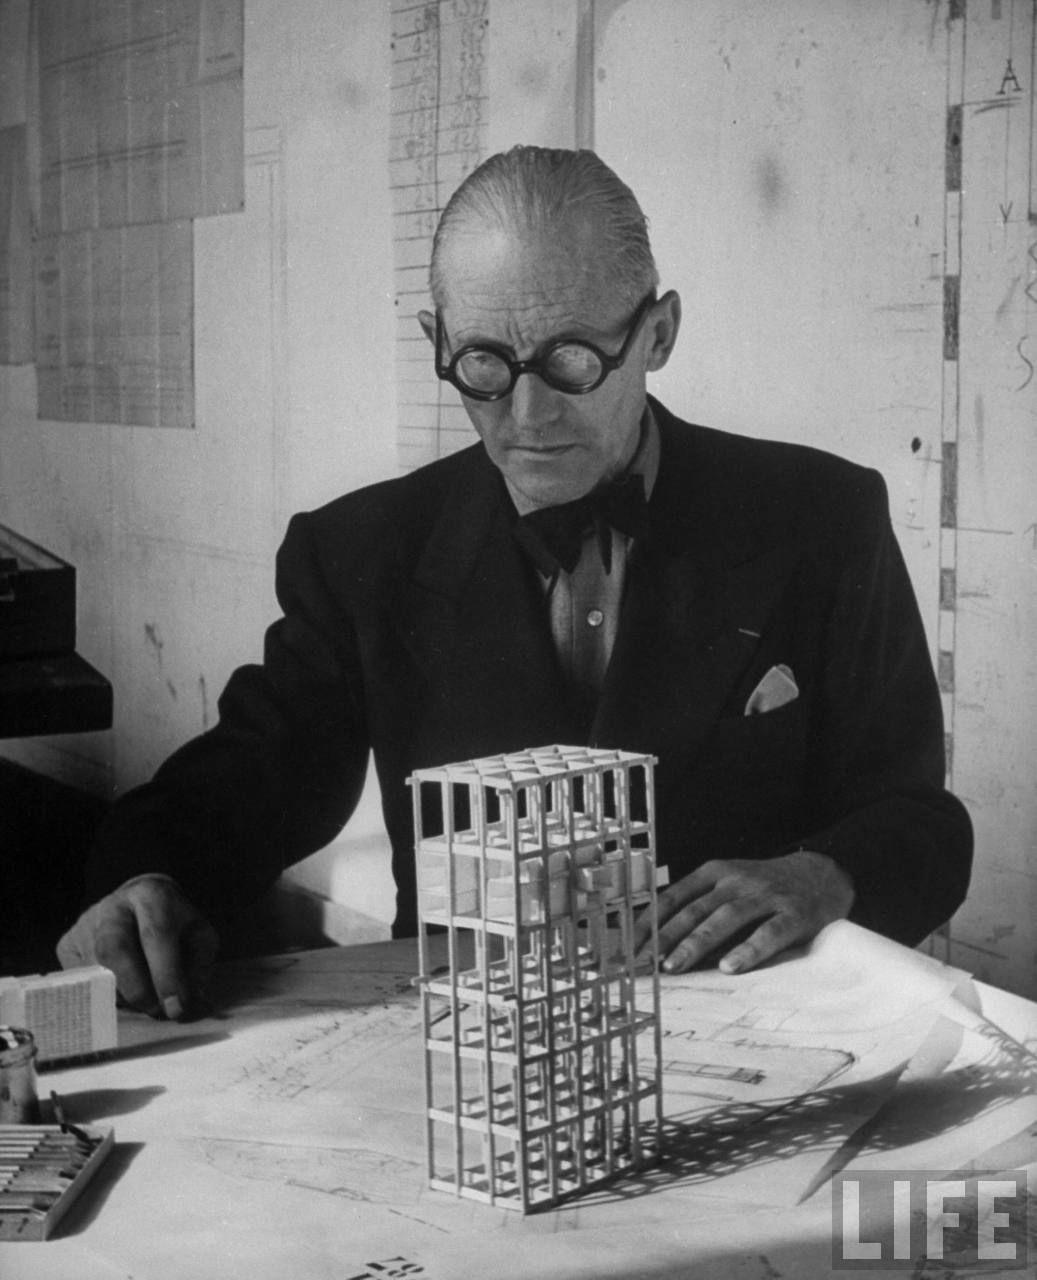 Le Corbusier Unite D Habitation Existenzminimum Telaio